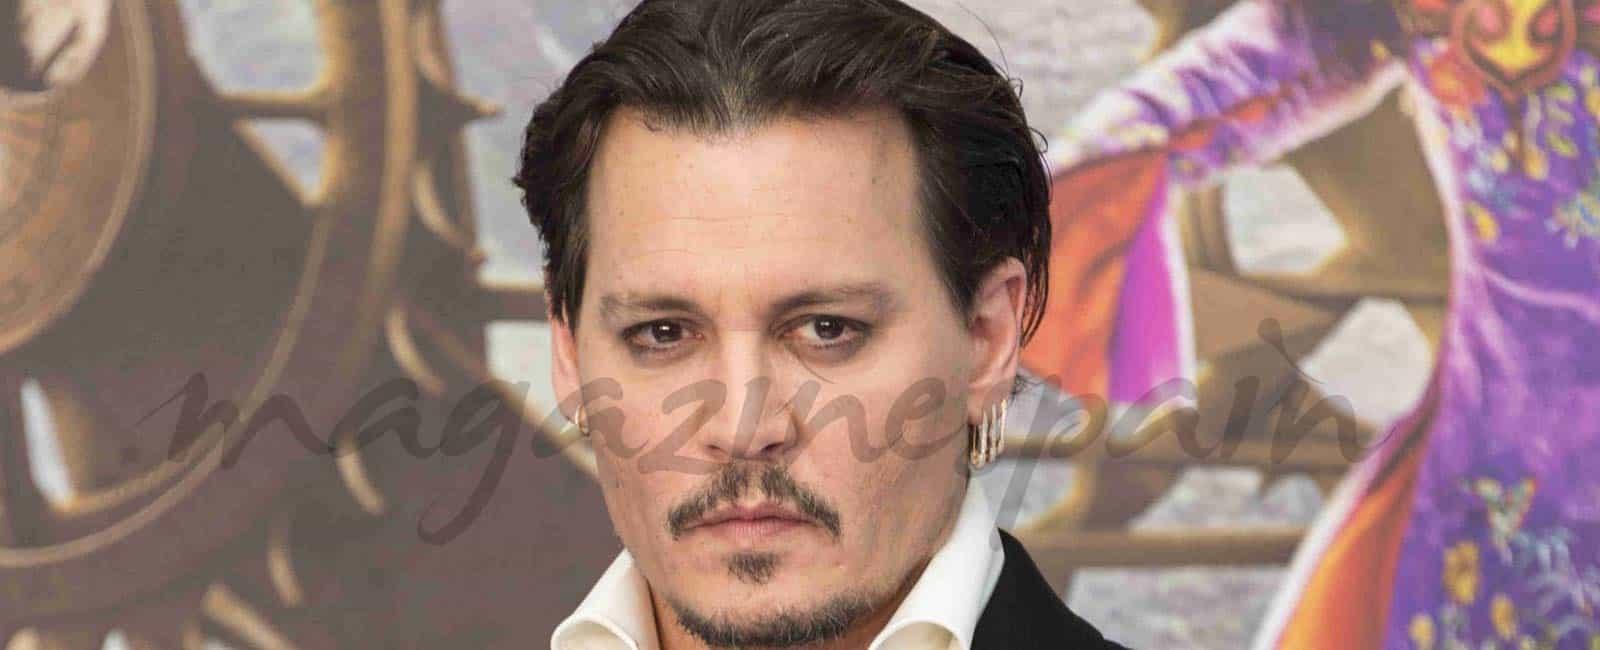 Johnny Depp de nuevo soltero